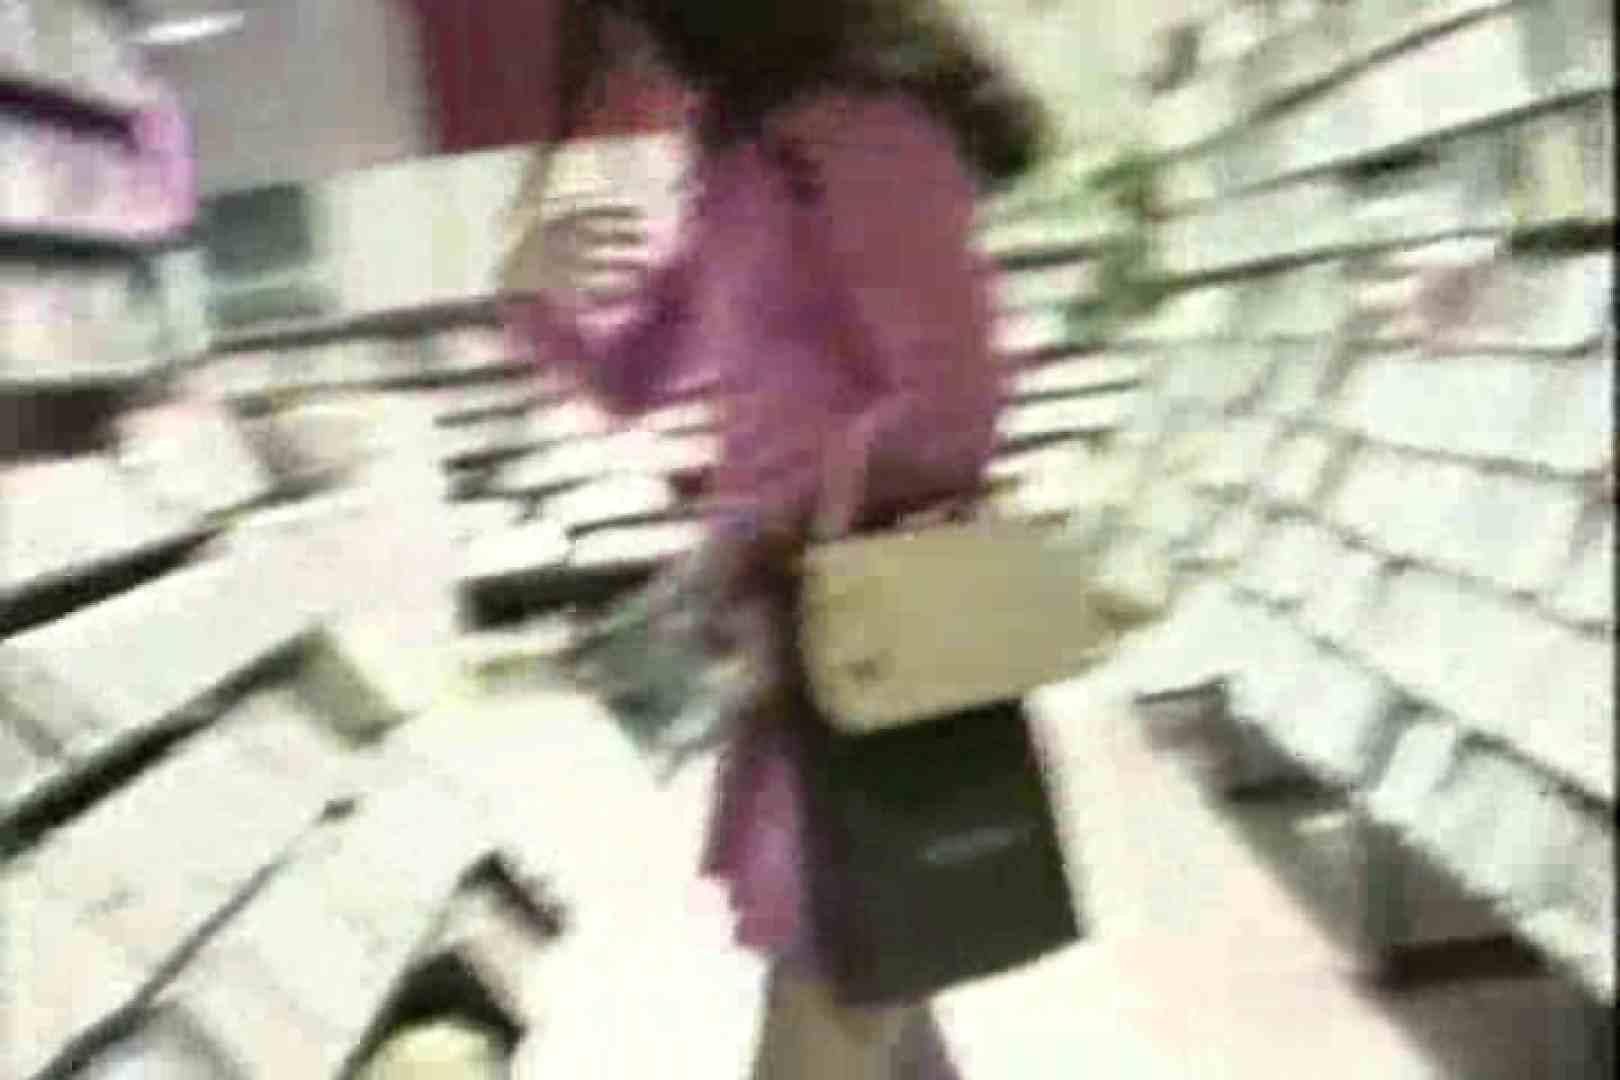 投稿盗撮 女子の下着の考察TK-043 エロティックなOL セックス画像 68画像 23